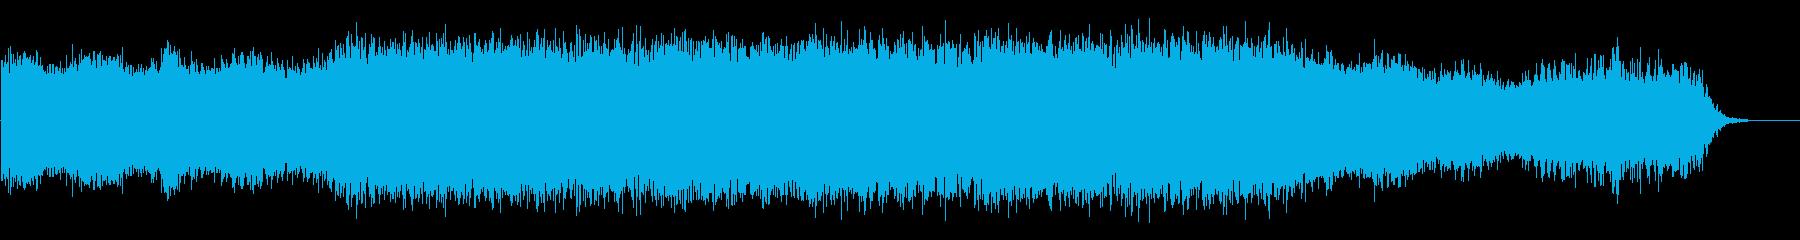 アンビエント・神秘的・リラックス・時計Tの再生済みの波形